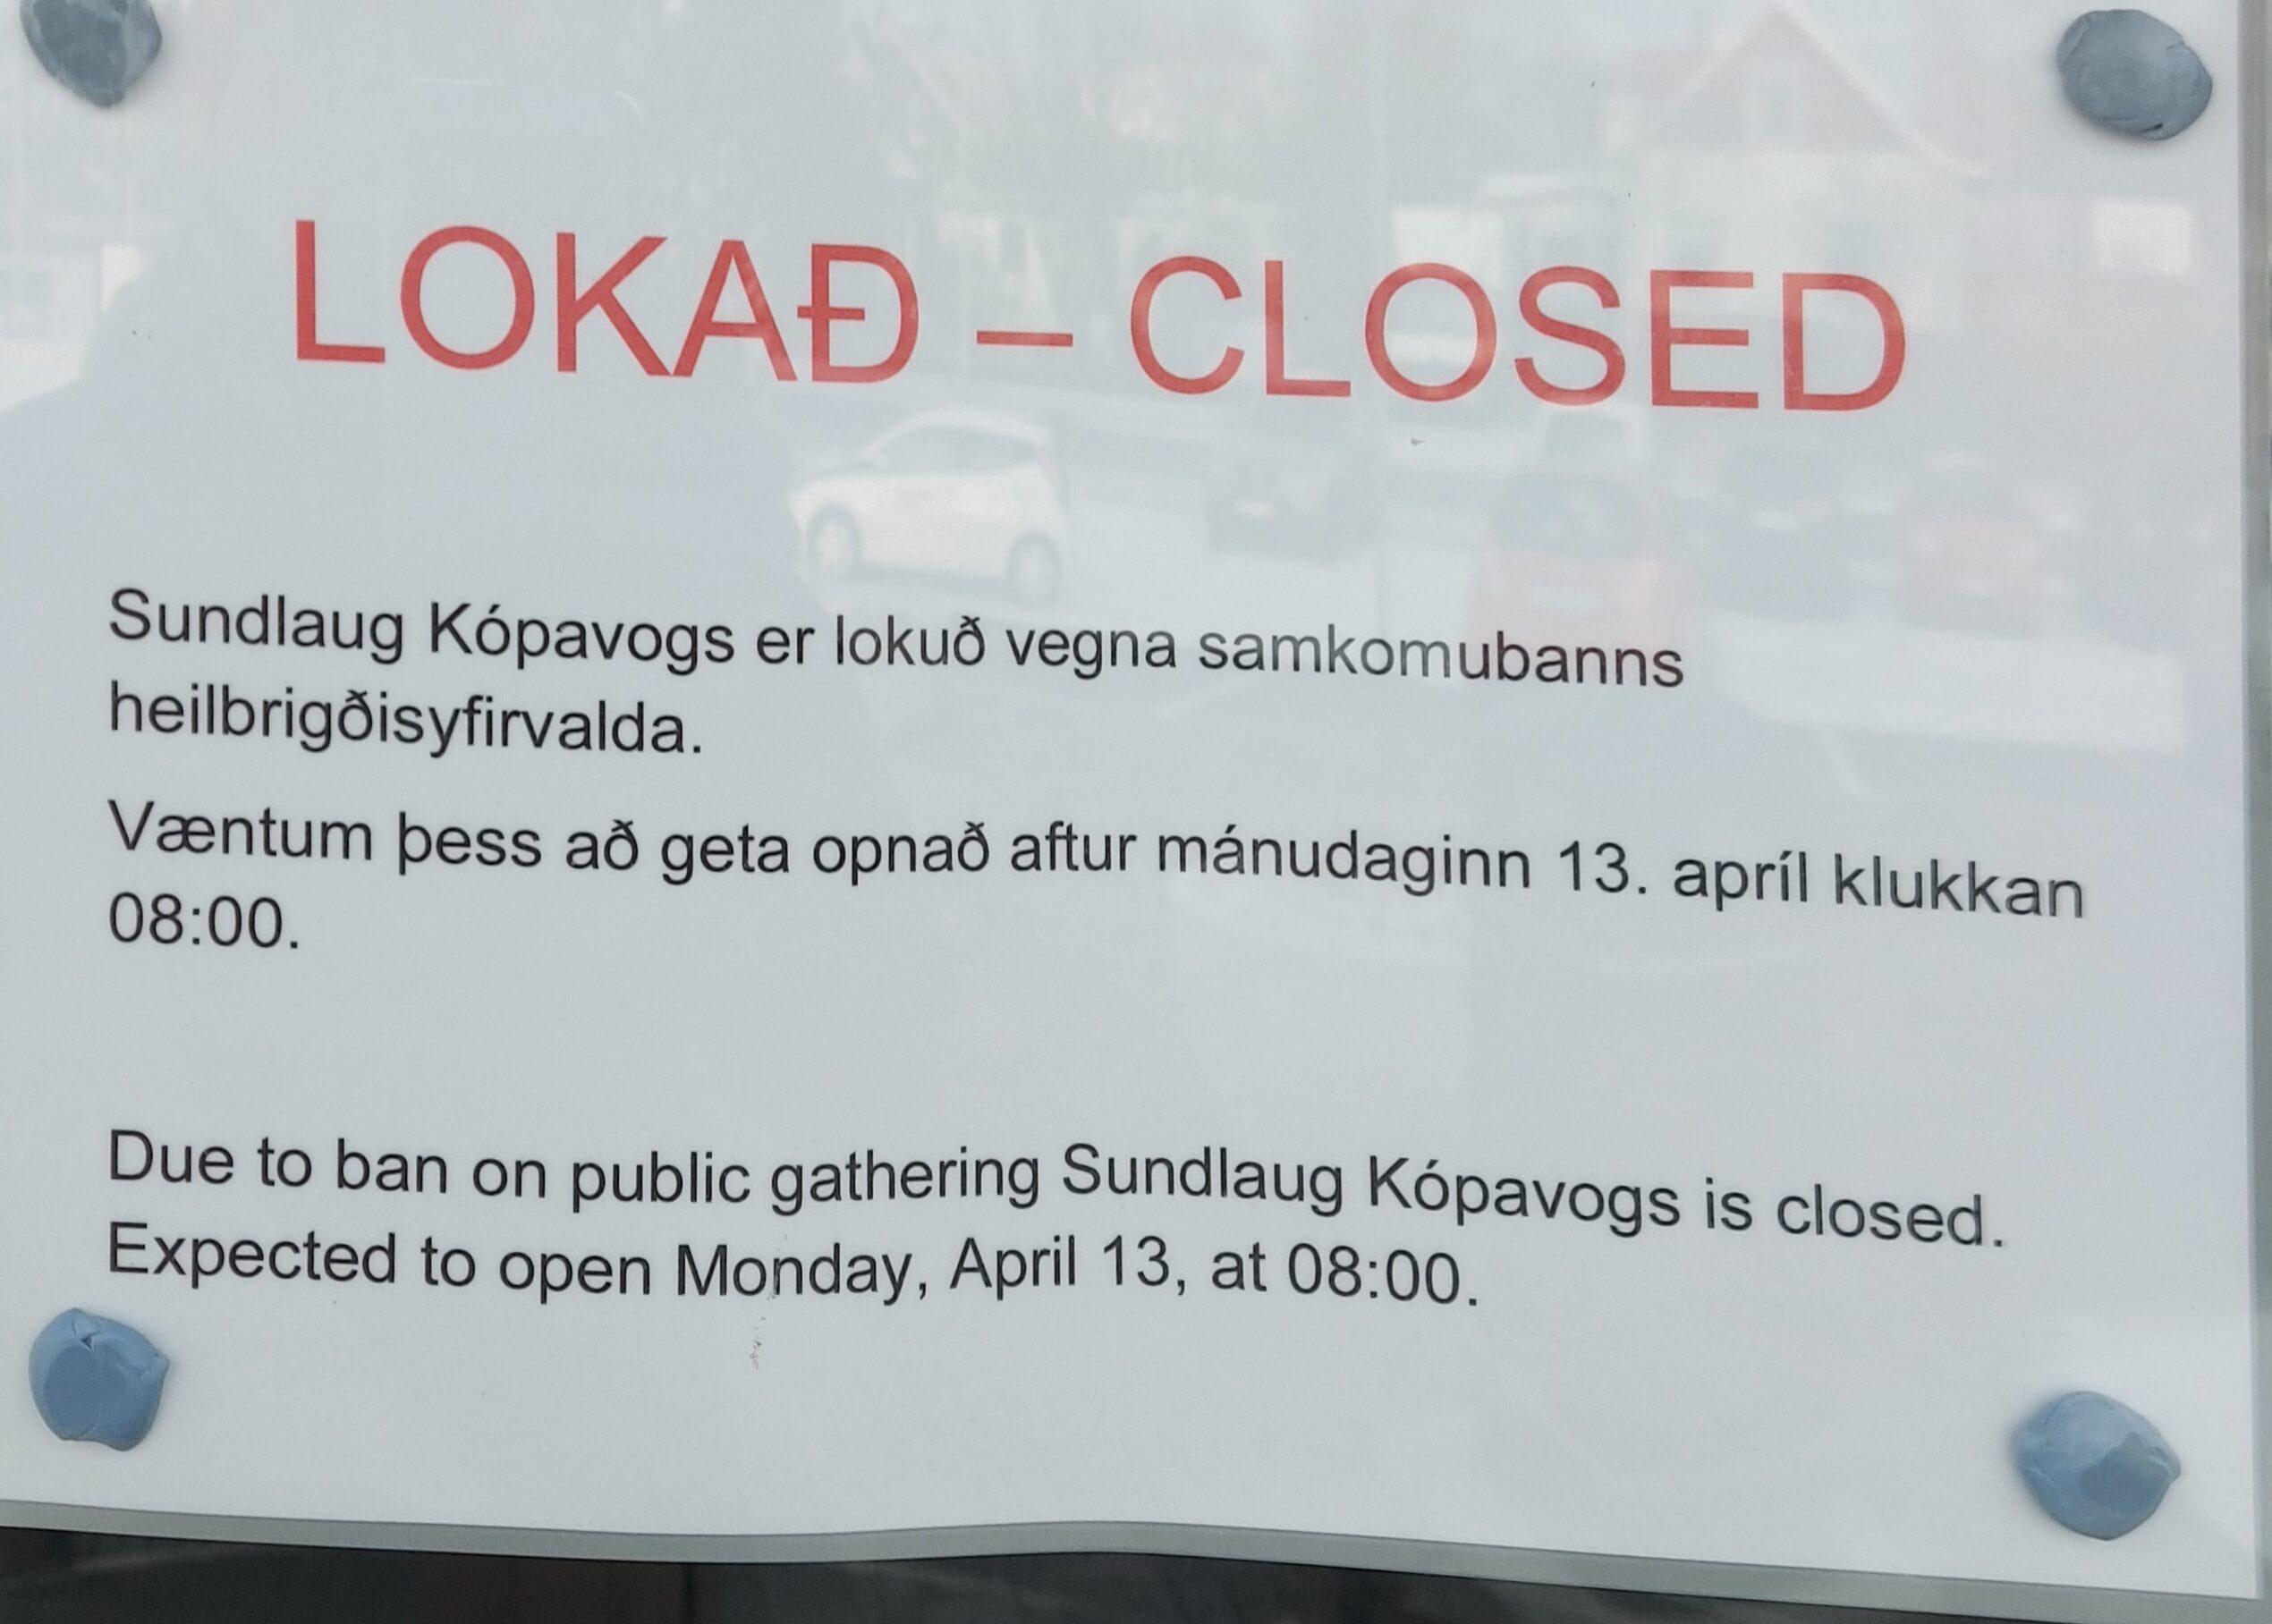 Sundlaugar lokaðar til 13. apríl?